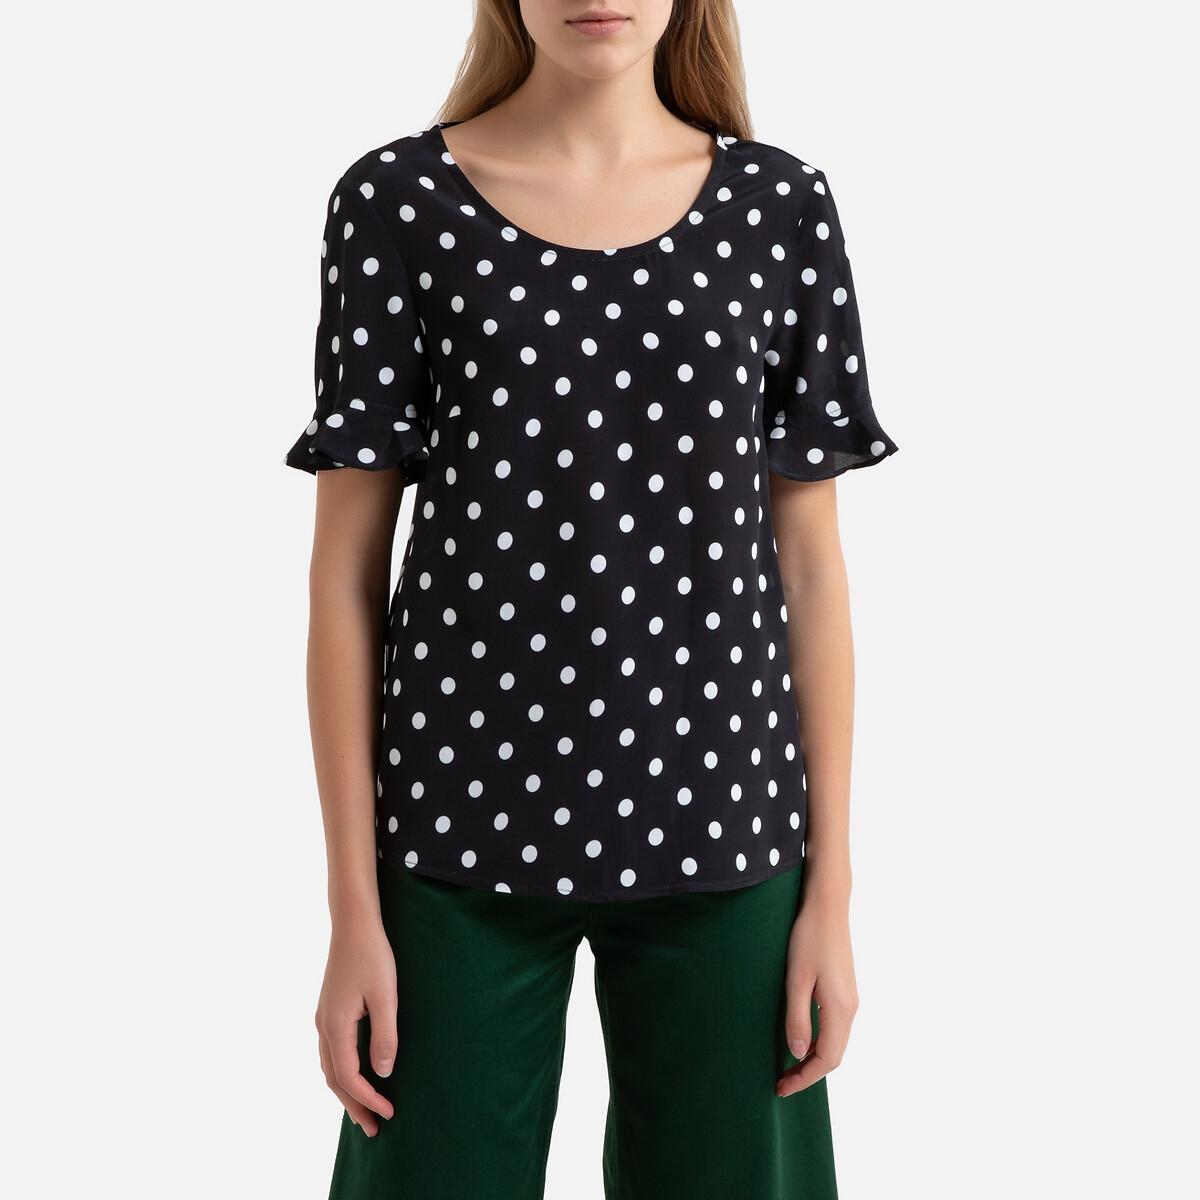 Блузка LaRedoute В горошек с короткими рукавами ROMANE 38 (FR) - 44 (RUS) черный платье la redoute прямое с рукавами 34 fr 40 rus черный